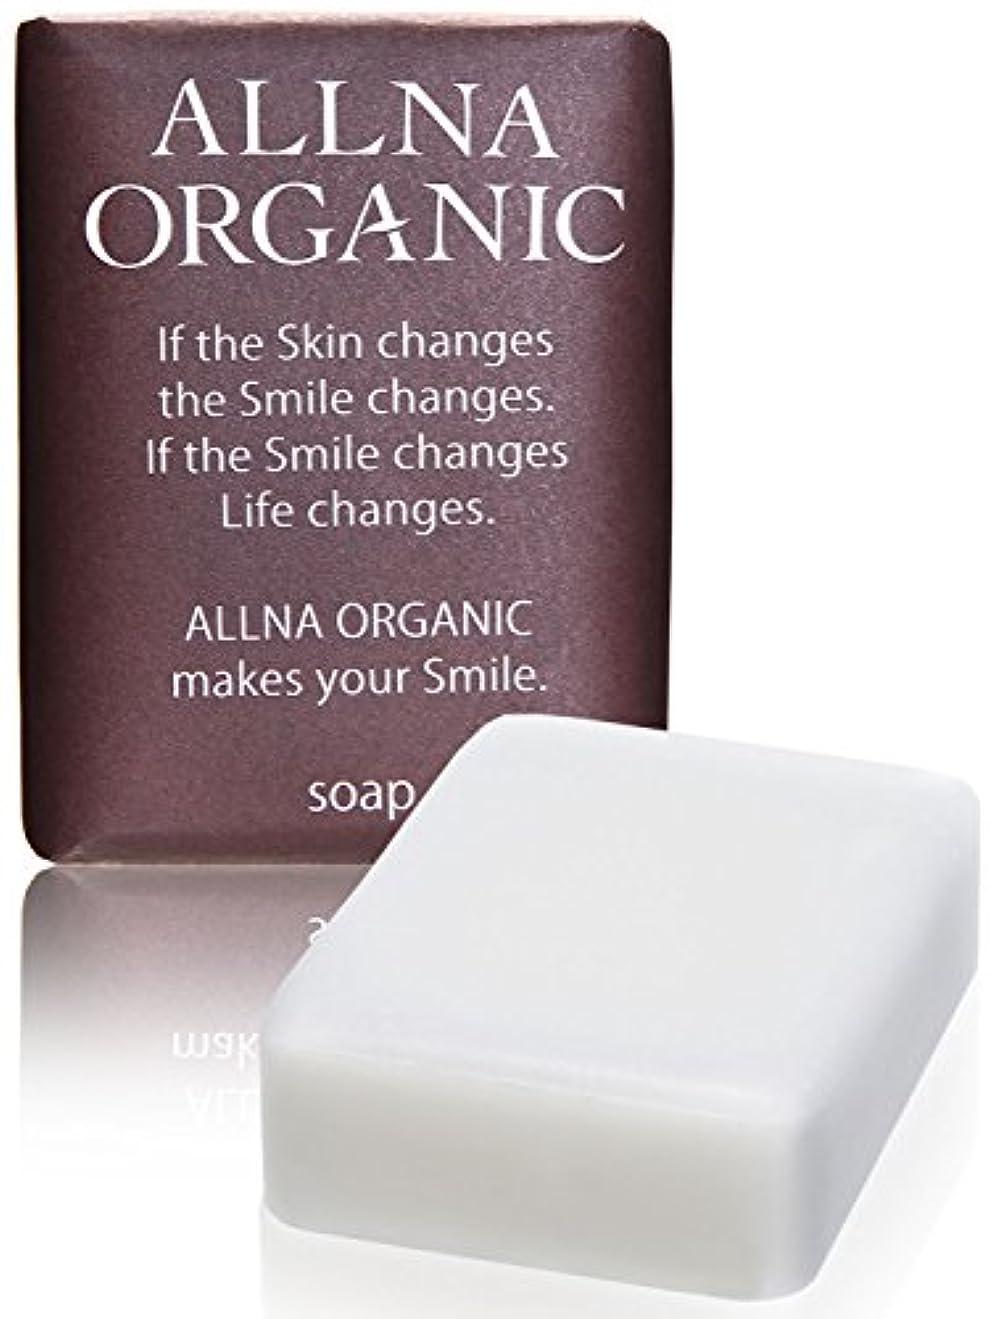 下向き酸度安息オルナ オーガニック 石鹸 「 無添加 敏感 肌用 毛穴 対策 洗顔石鹸 」「 コラーゲン 3種 + ヒアルロン酸 4種 + ビタミンC 4種 + セラミド 配合」 保湿 固形 洗顔 せっけん バスサイズ 100g